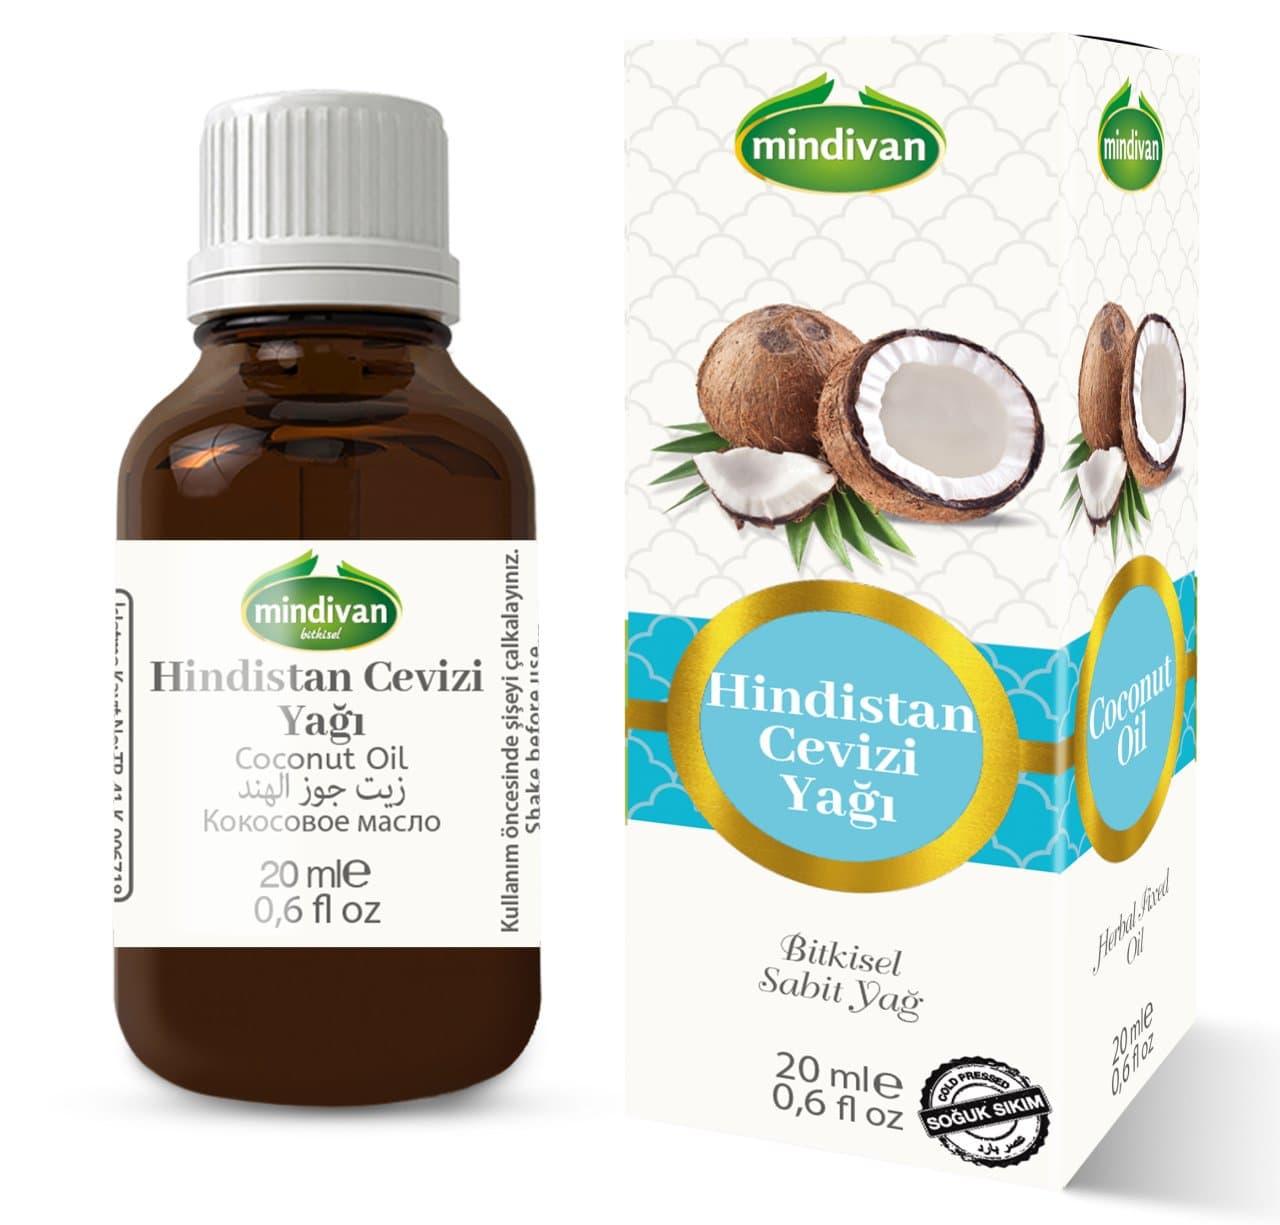 Mindivan Hindistan Cevizi Yağı 20 ml ürünü